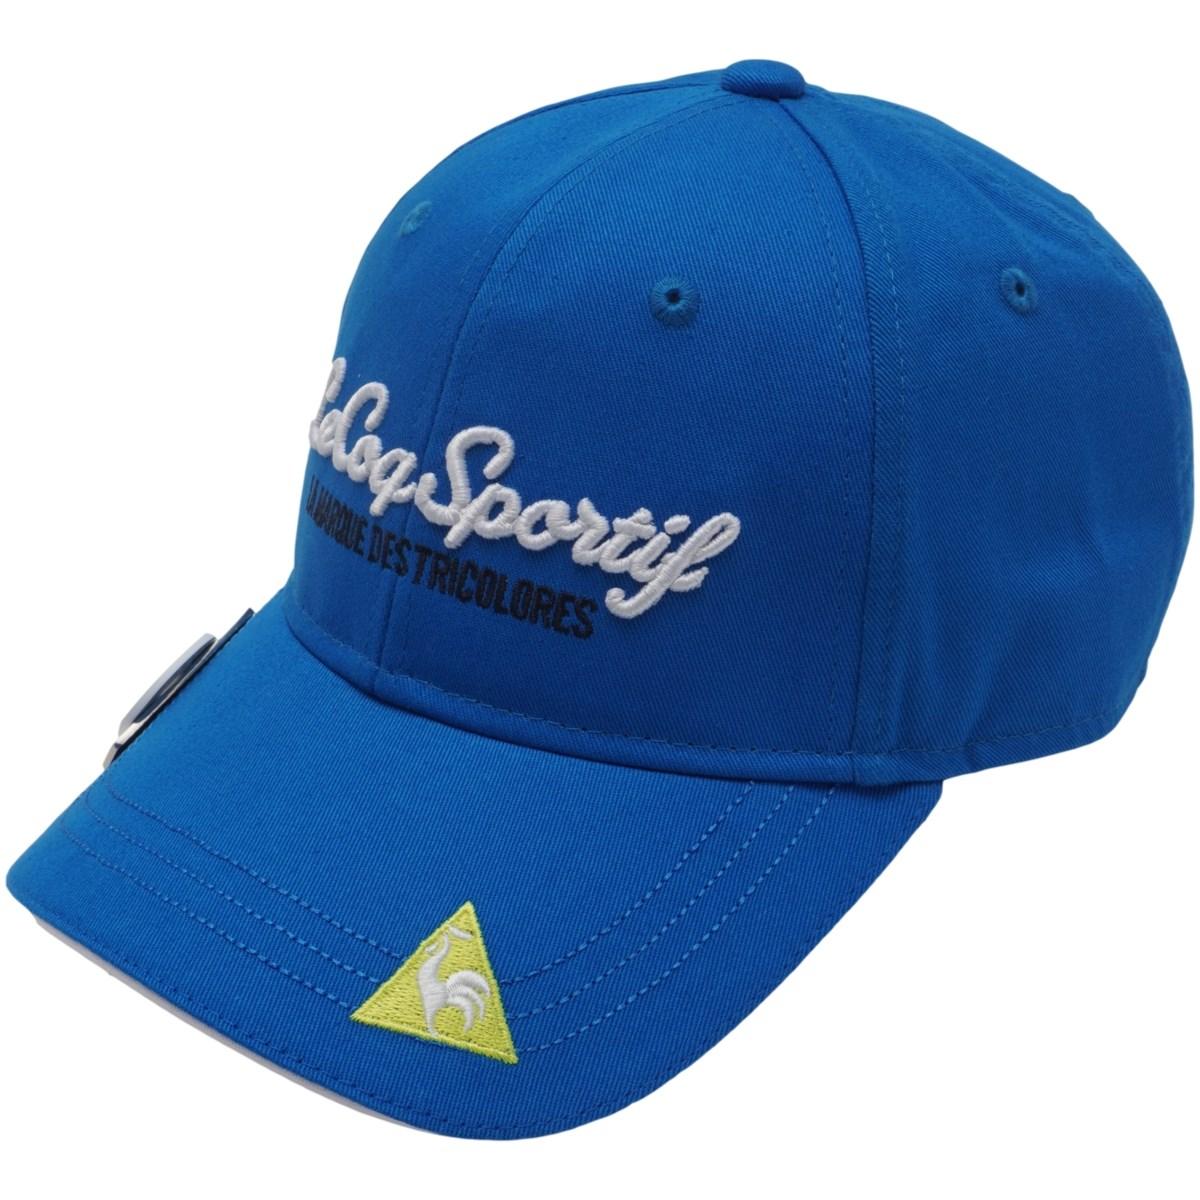 ルコックゴルフ Le coq sportif GOLF クリップマーカー付きキャップ フリー ブルー 00 レディス